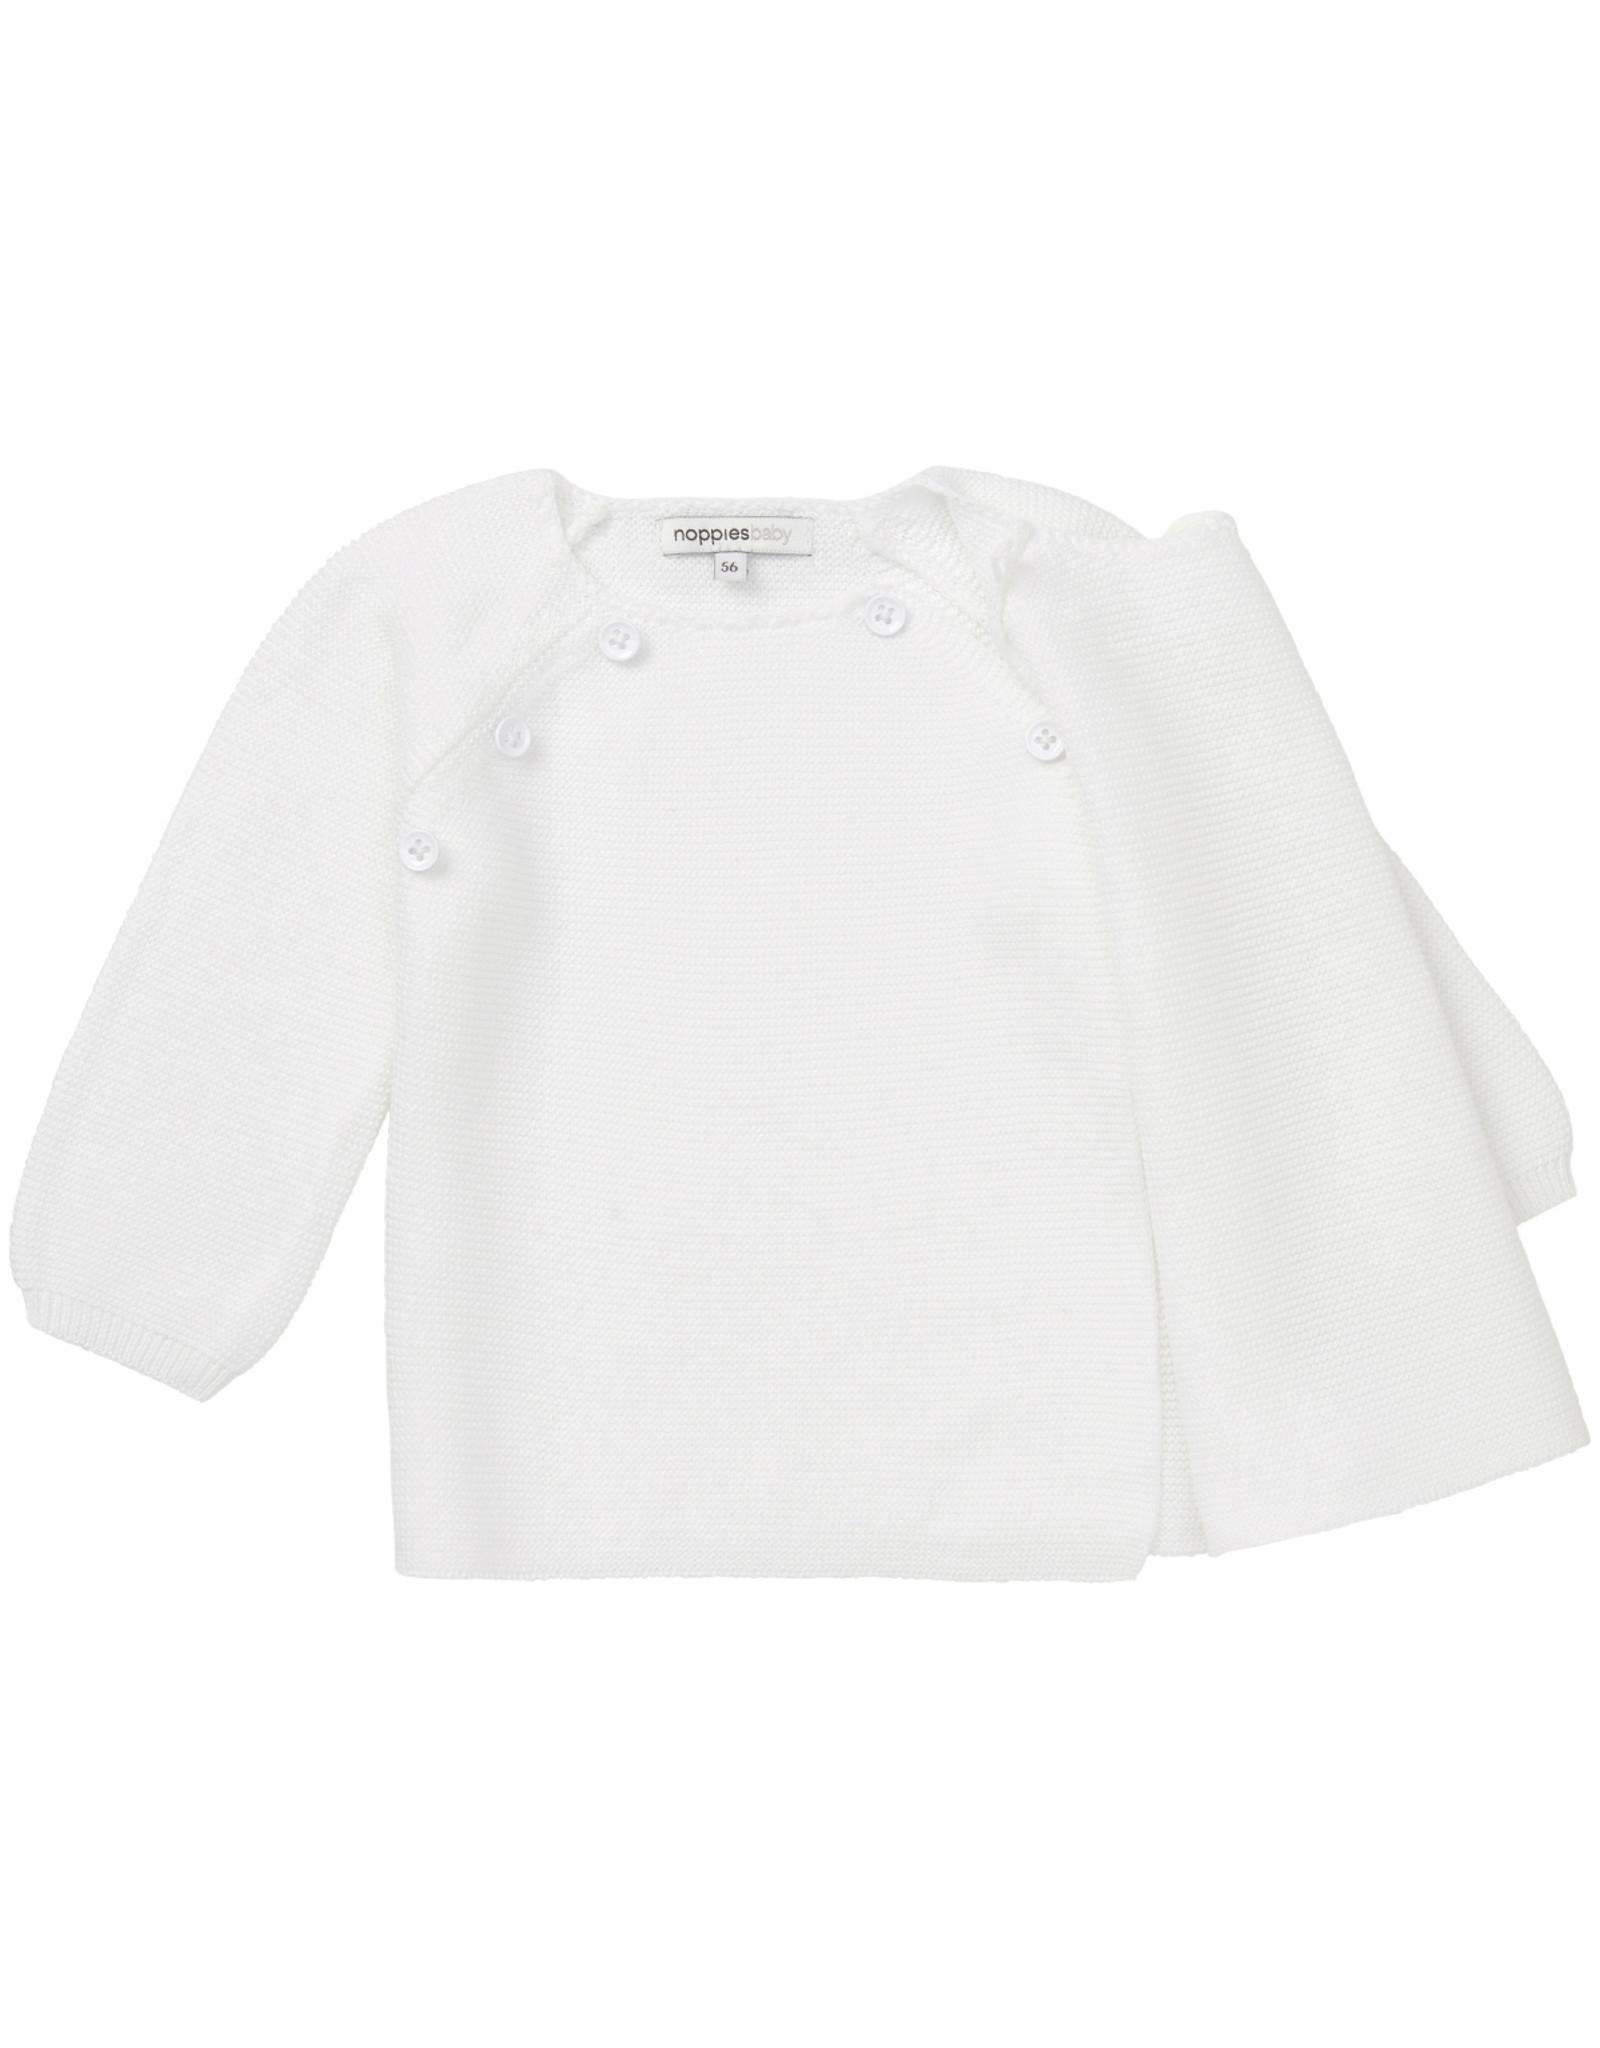 Noppies U Cardigan Knit ls Pino White